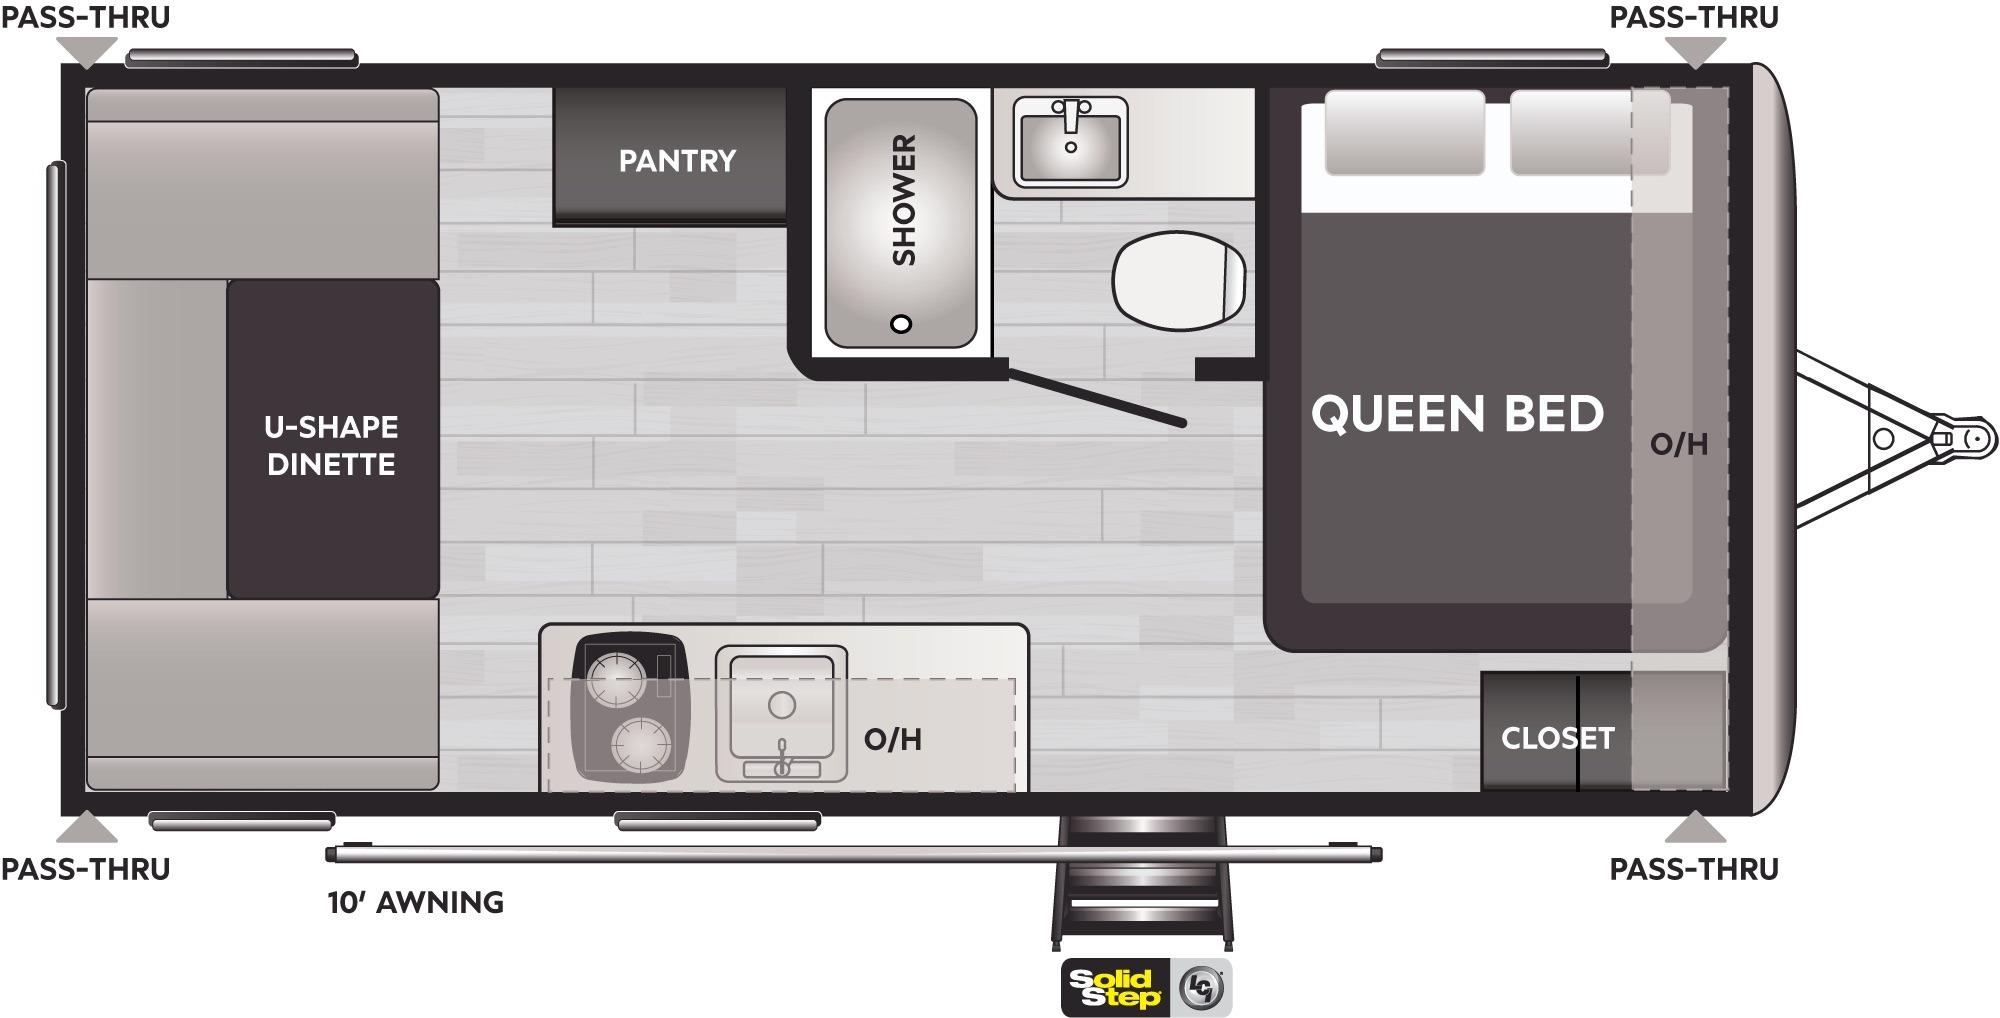 View Floor Plan for 2022 KEYSTONE SPRINGDALE 1750RD